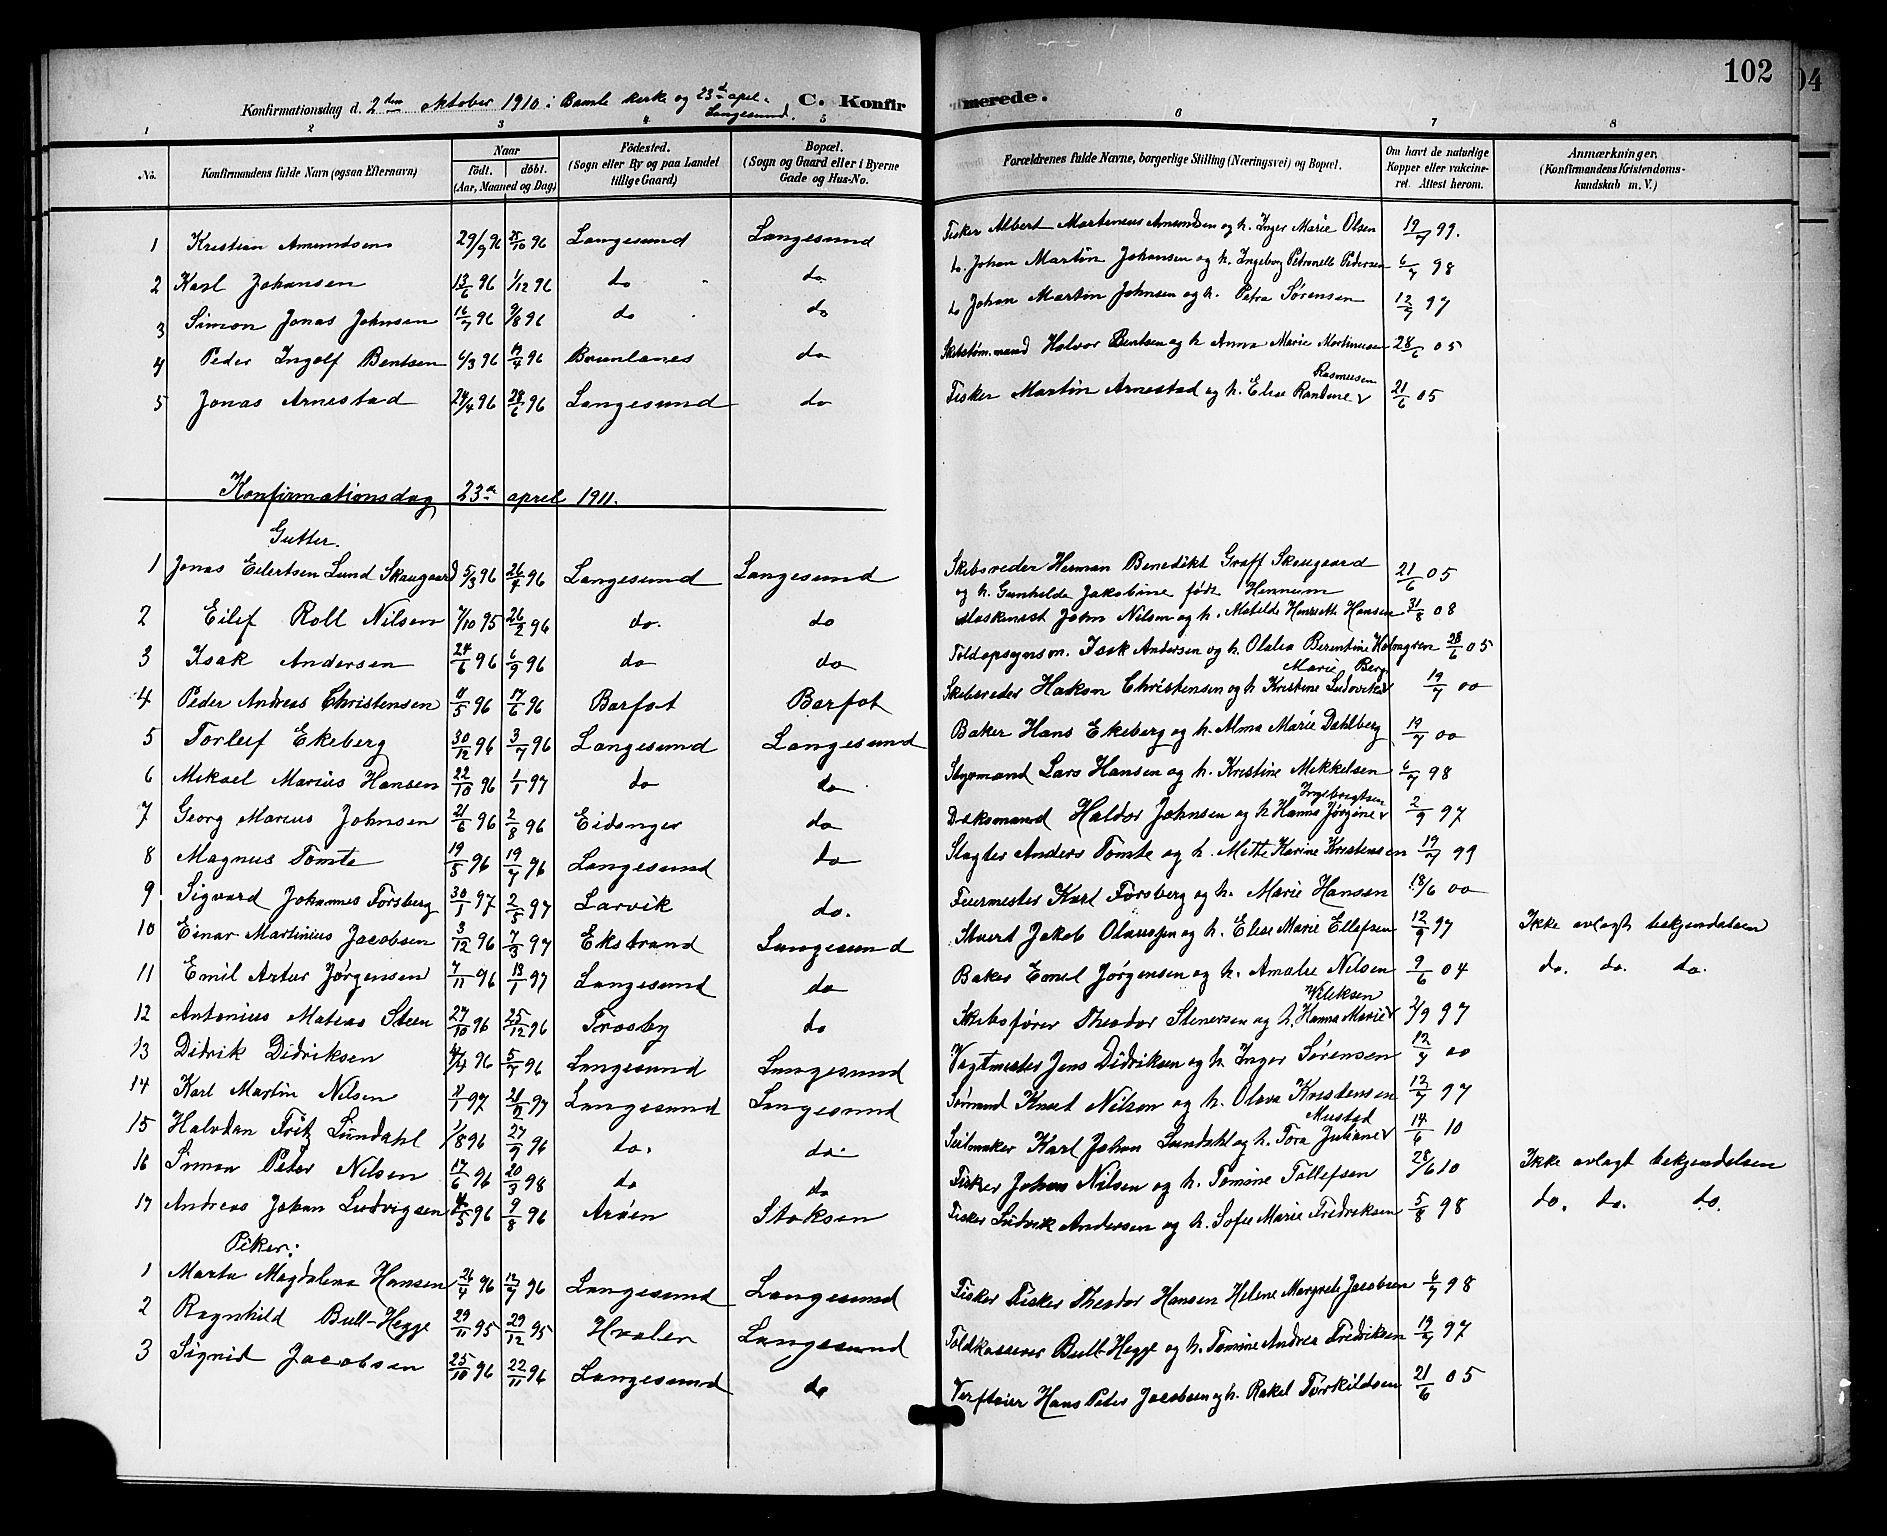 SAKO, Langesund kirkebøker, G/Ga/L0006: Klokkerbok nr. 6, 1899-1918, s. 102